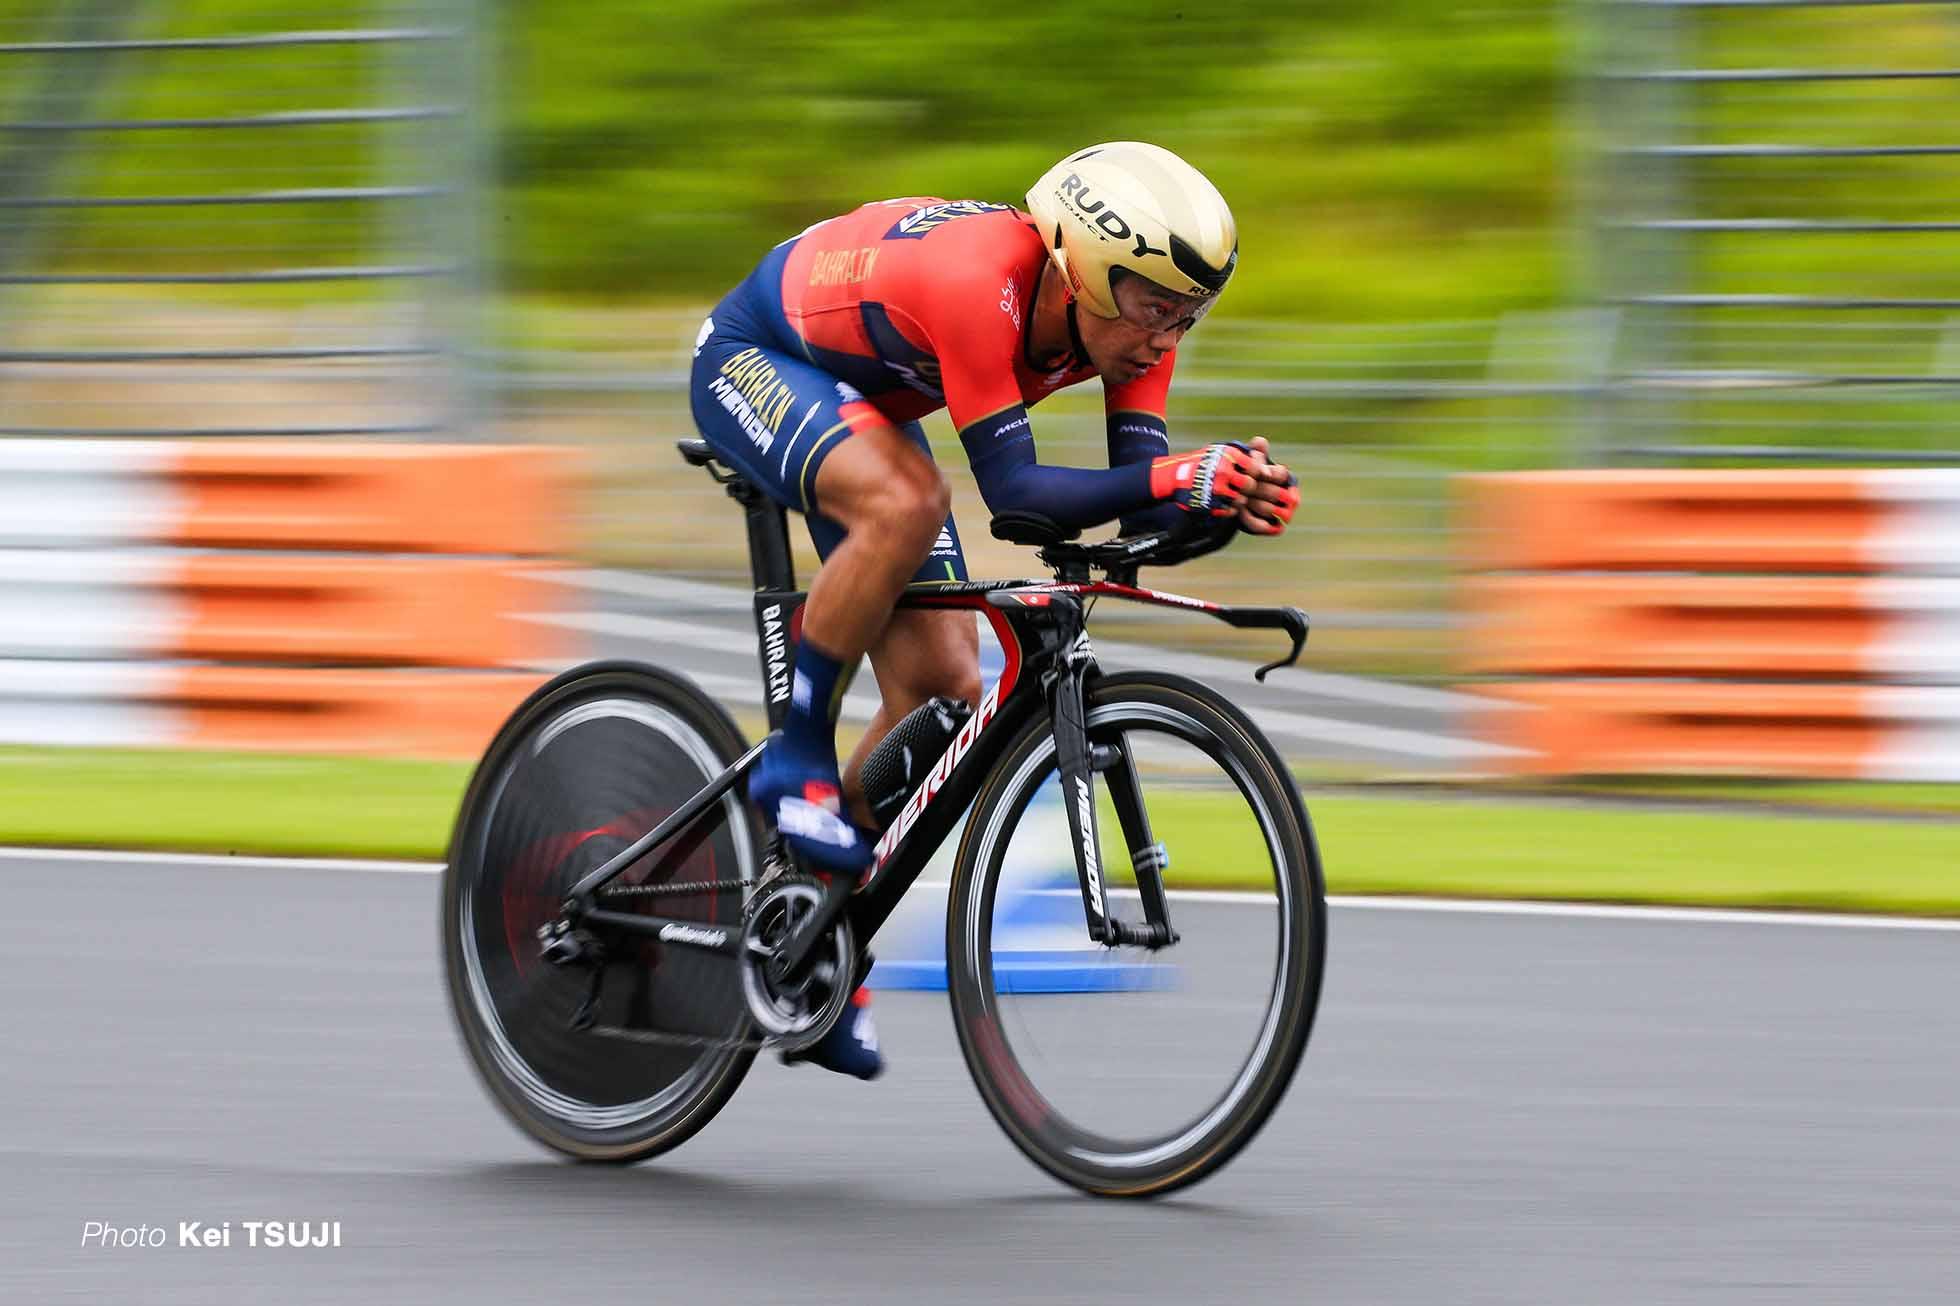 新城幸也 全日本自転車選手権